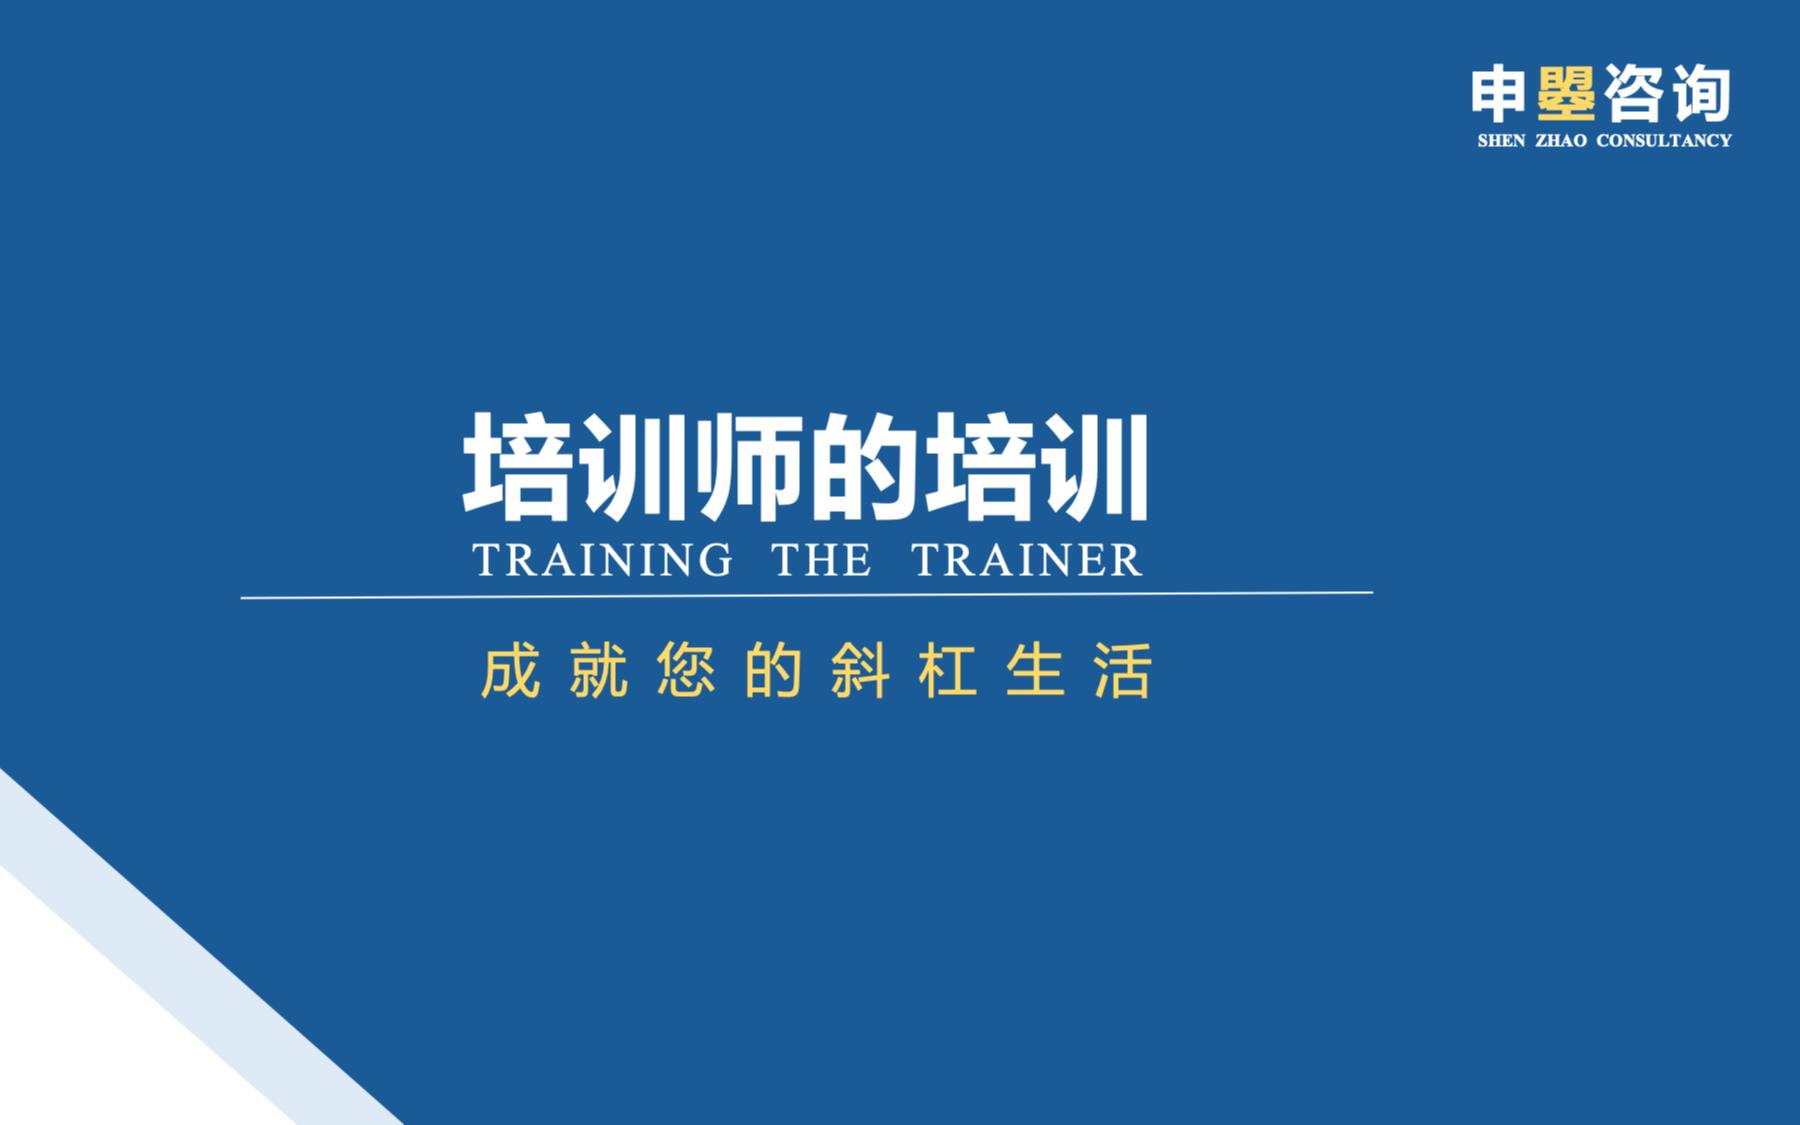 2020成就您的斜杠生活——《培训师的培训》(上海)